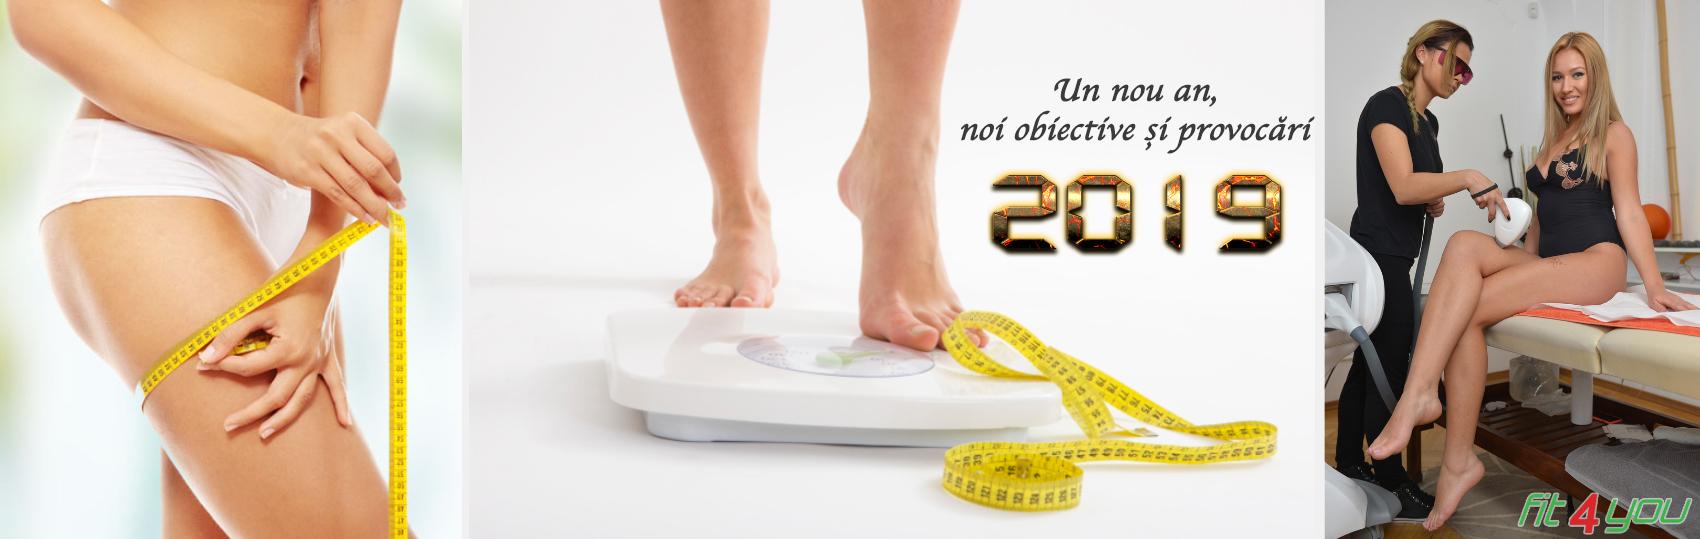 Revino în formă maximă după sărbători!